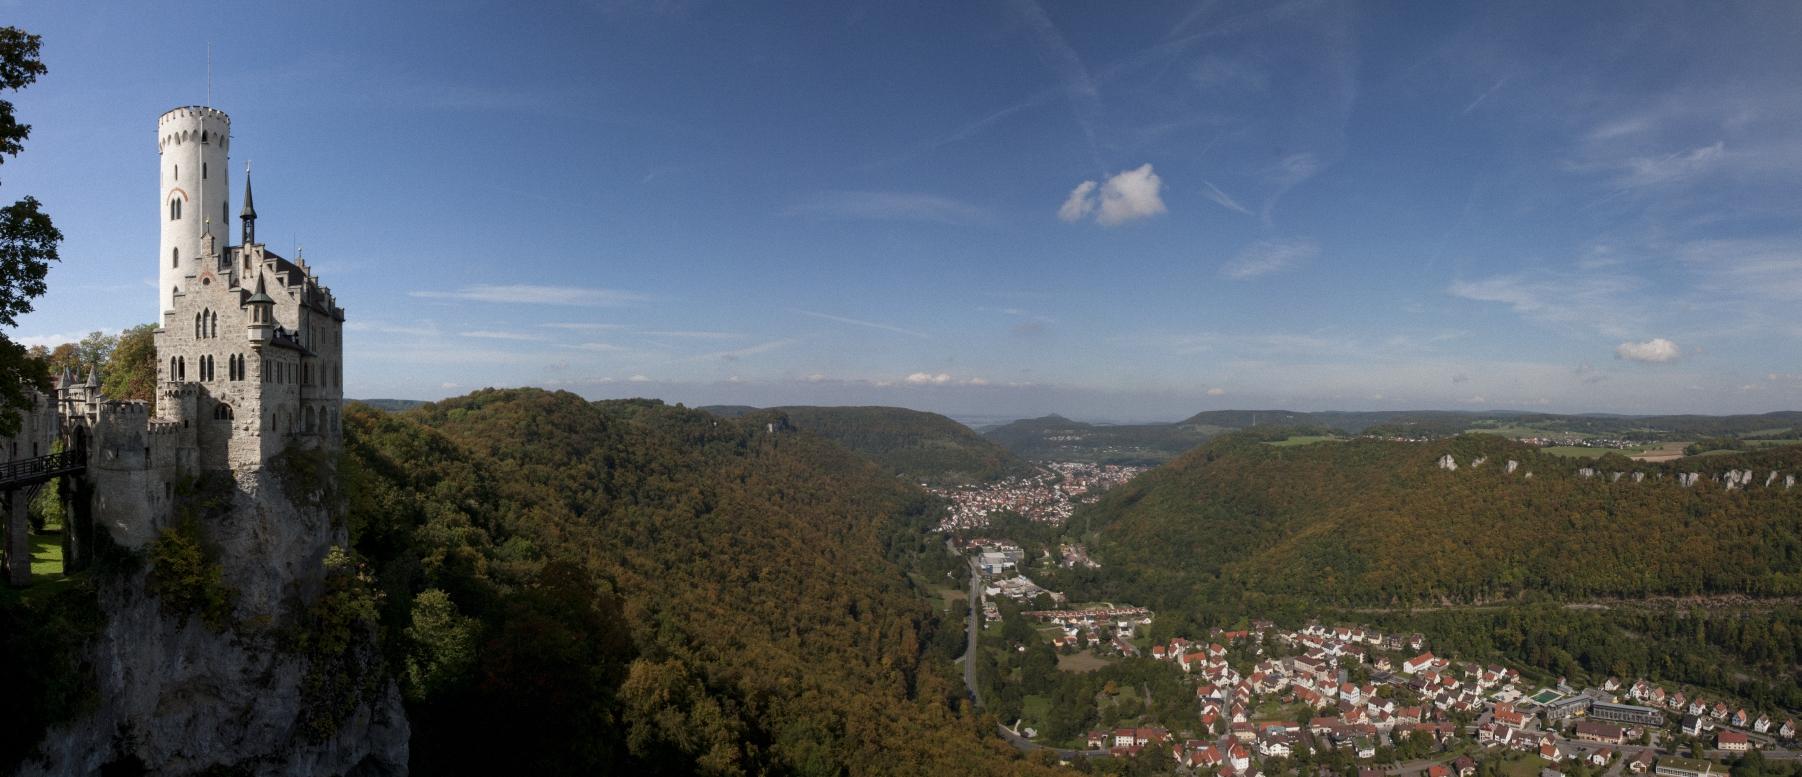 Panorama Burg Lichtenstein